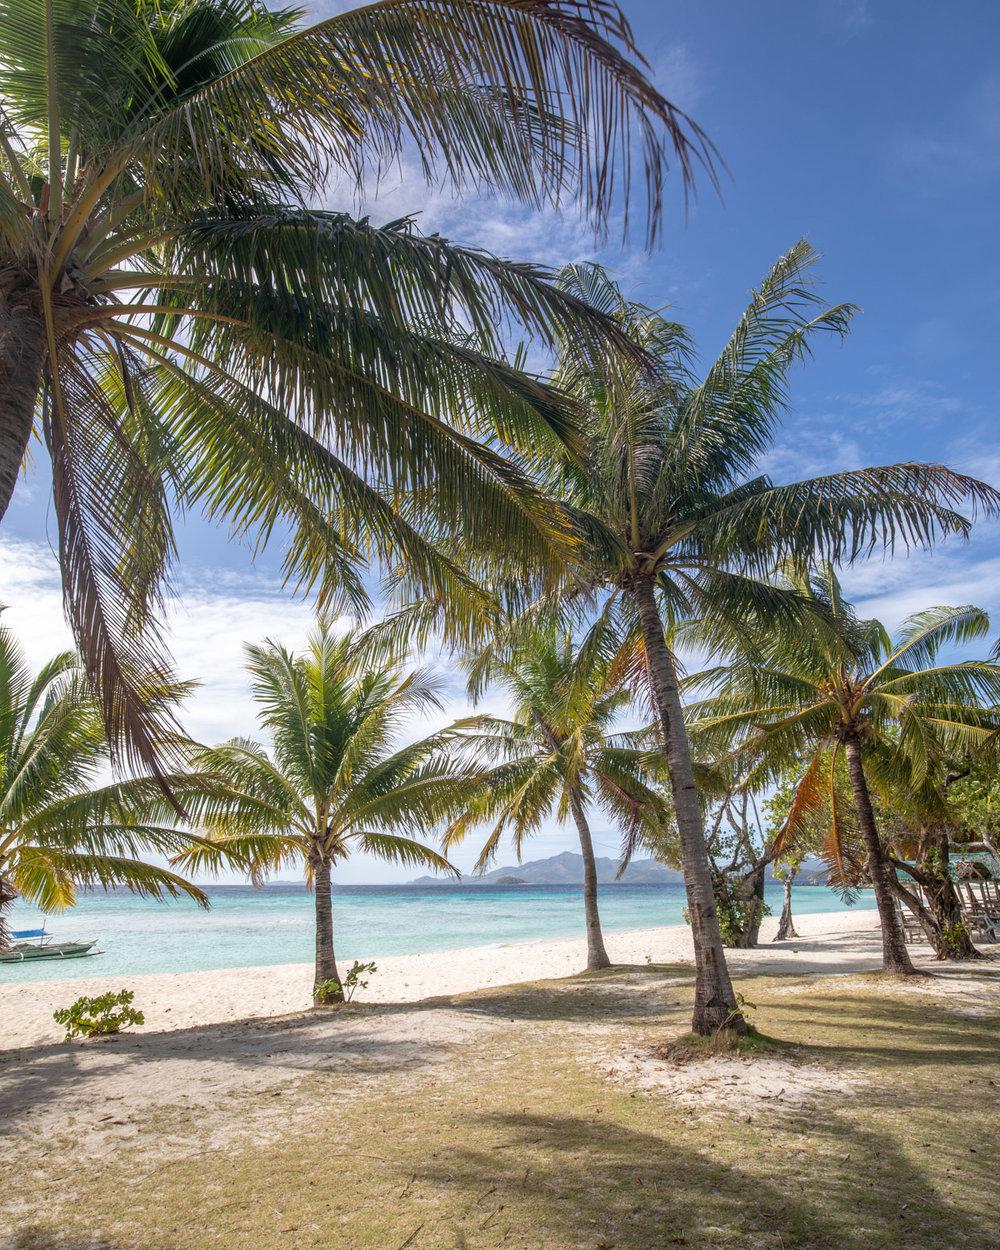 The views from Malcapuya Island, Coron